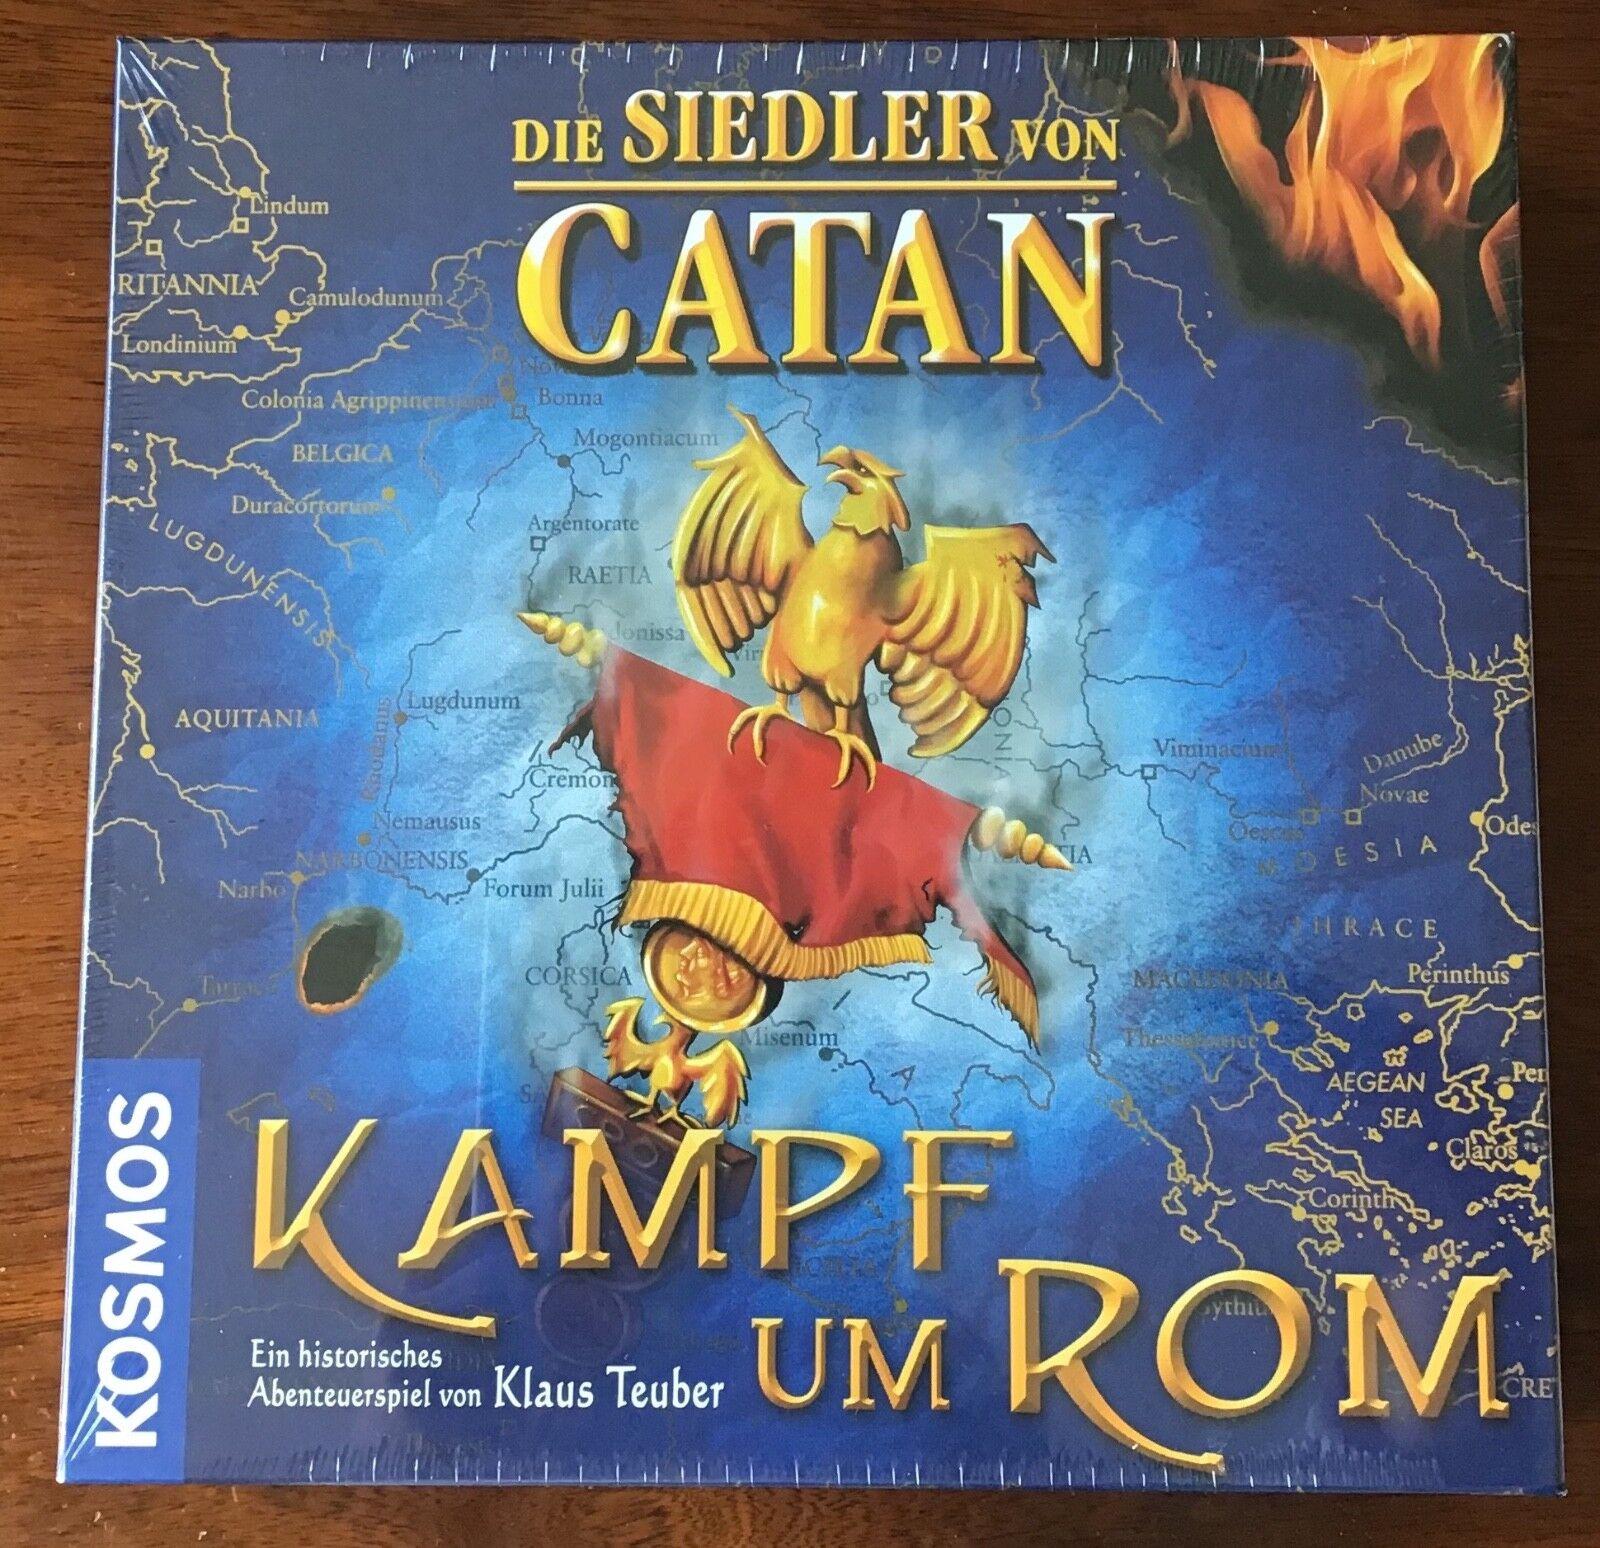 Die Siedler von Catan - Kampf um Rom - - - Neu in Folie     - Sammlerstück 3870de